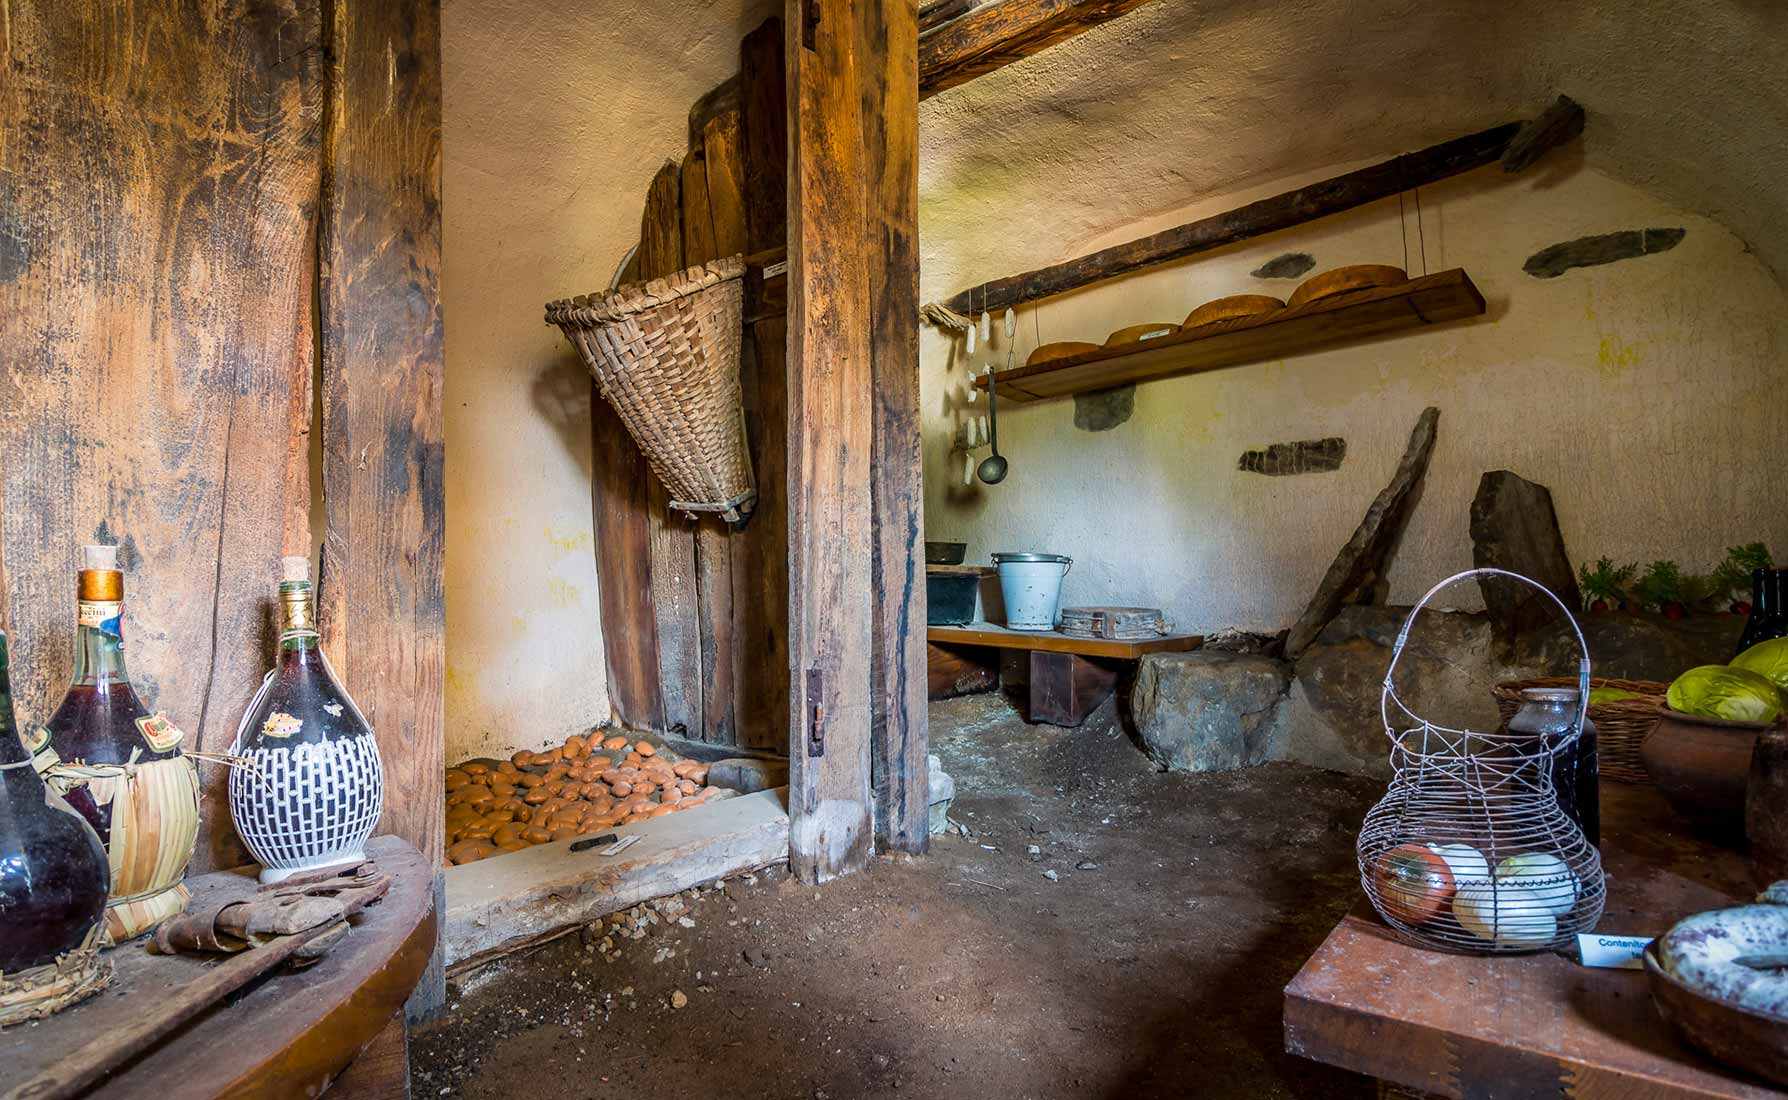 La cantina in cui erano conservati i formaggi, i salami e gli ortaggi.